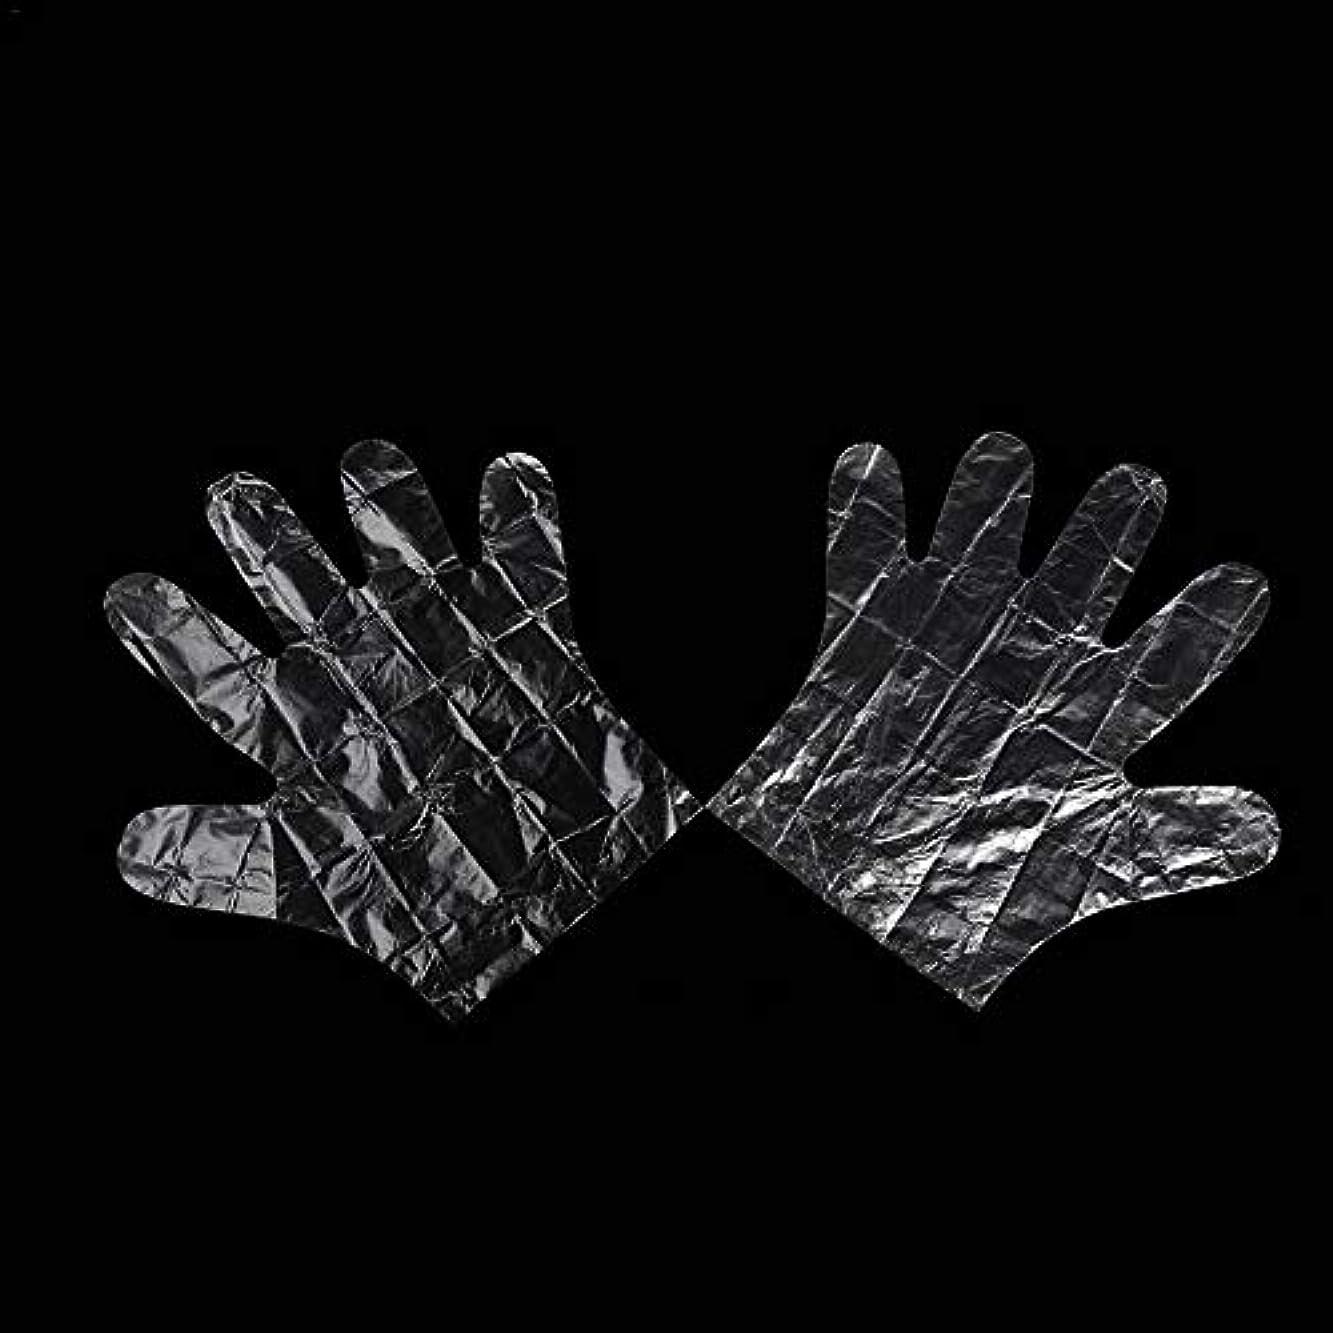 コンプライアンス合併イベントhopefull 使い捨て手袋 子供用 極薄ビニール手袋 ポリエチレン 透明 実用 衛生 100枚/200m枚セット 左右兼用 gifts